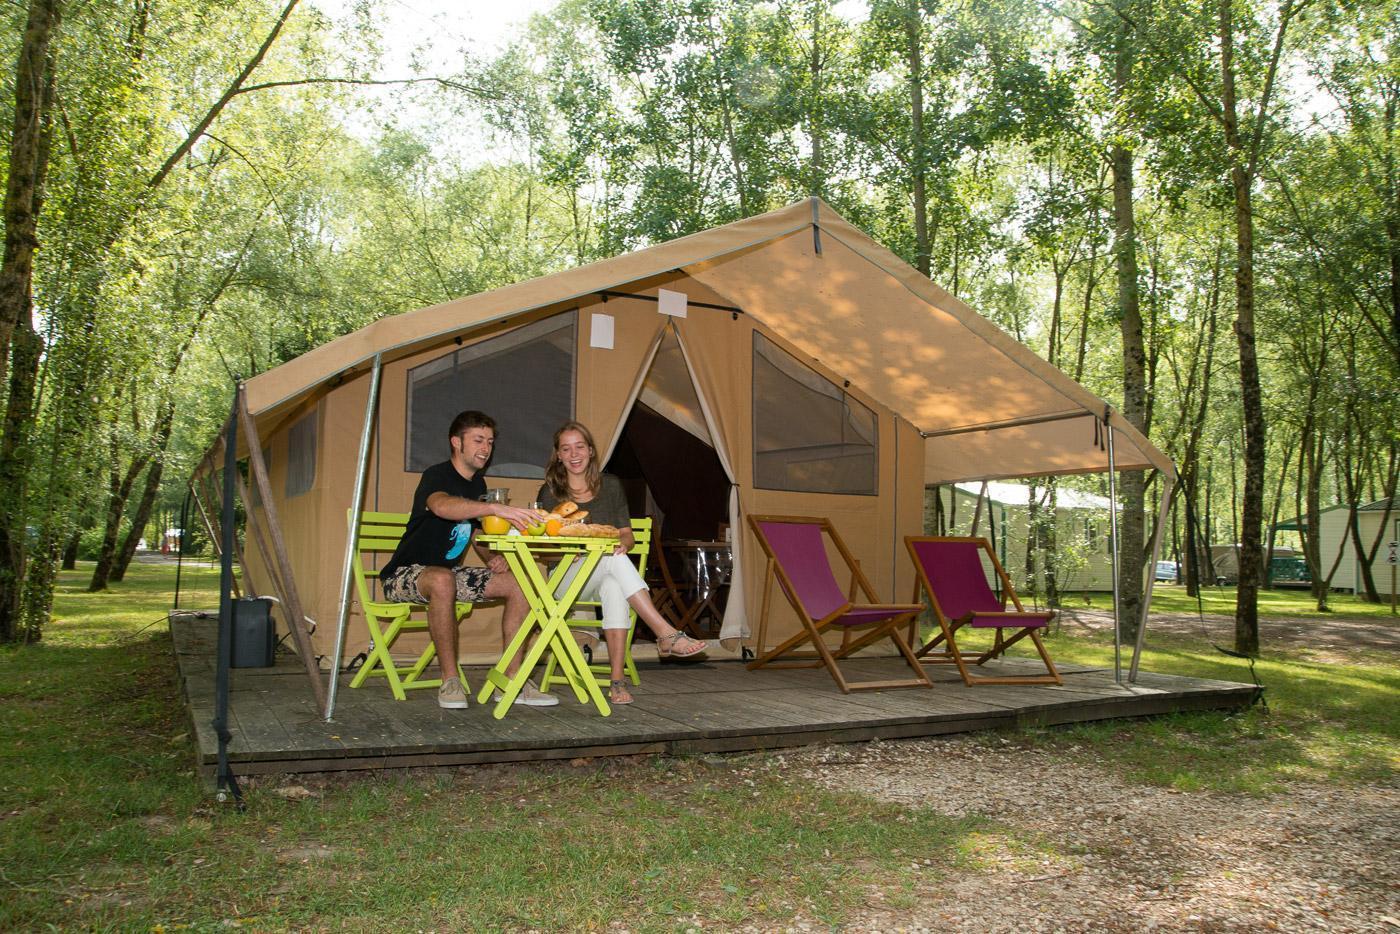 Camping Sites Et Paysages Les Saules à Cheverny Loire Valley Vacances En Cabatente (1)